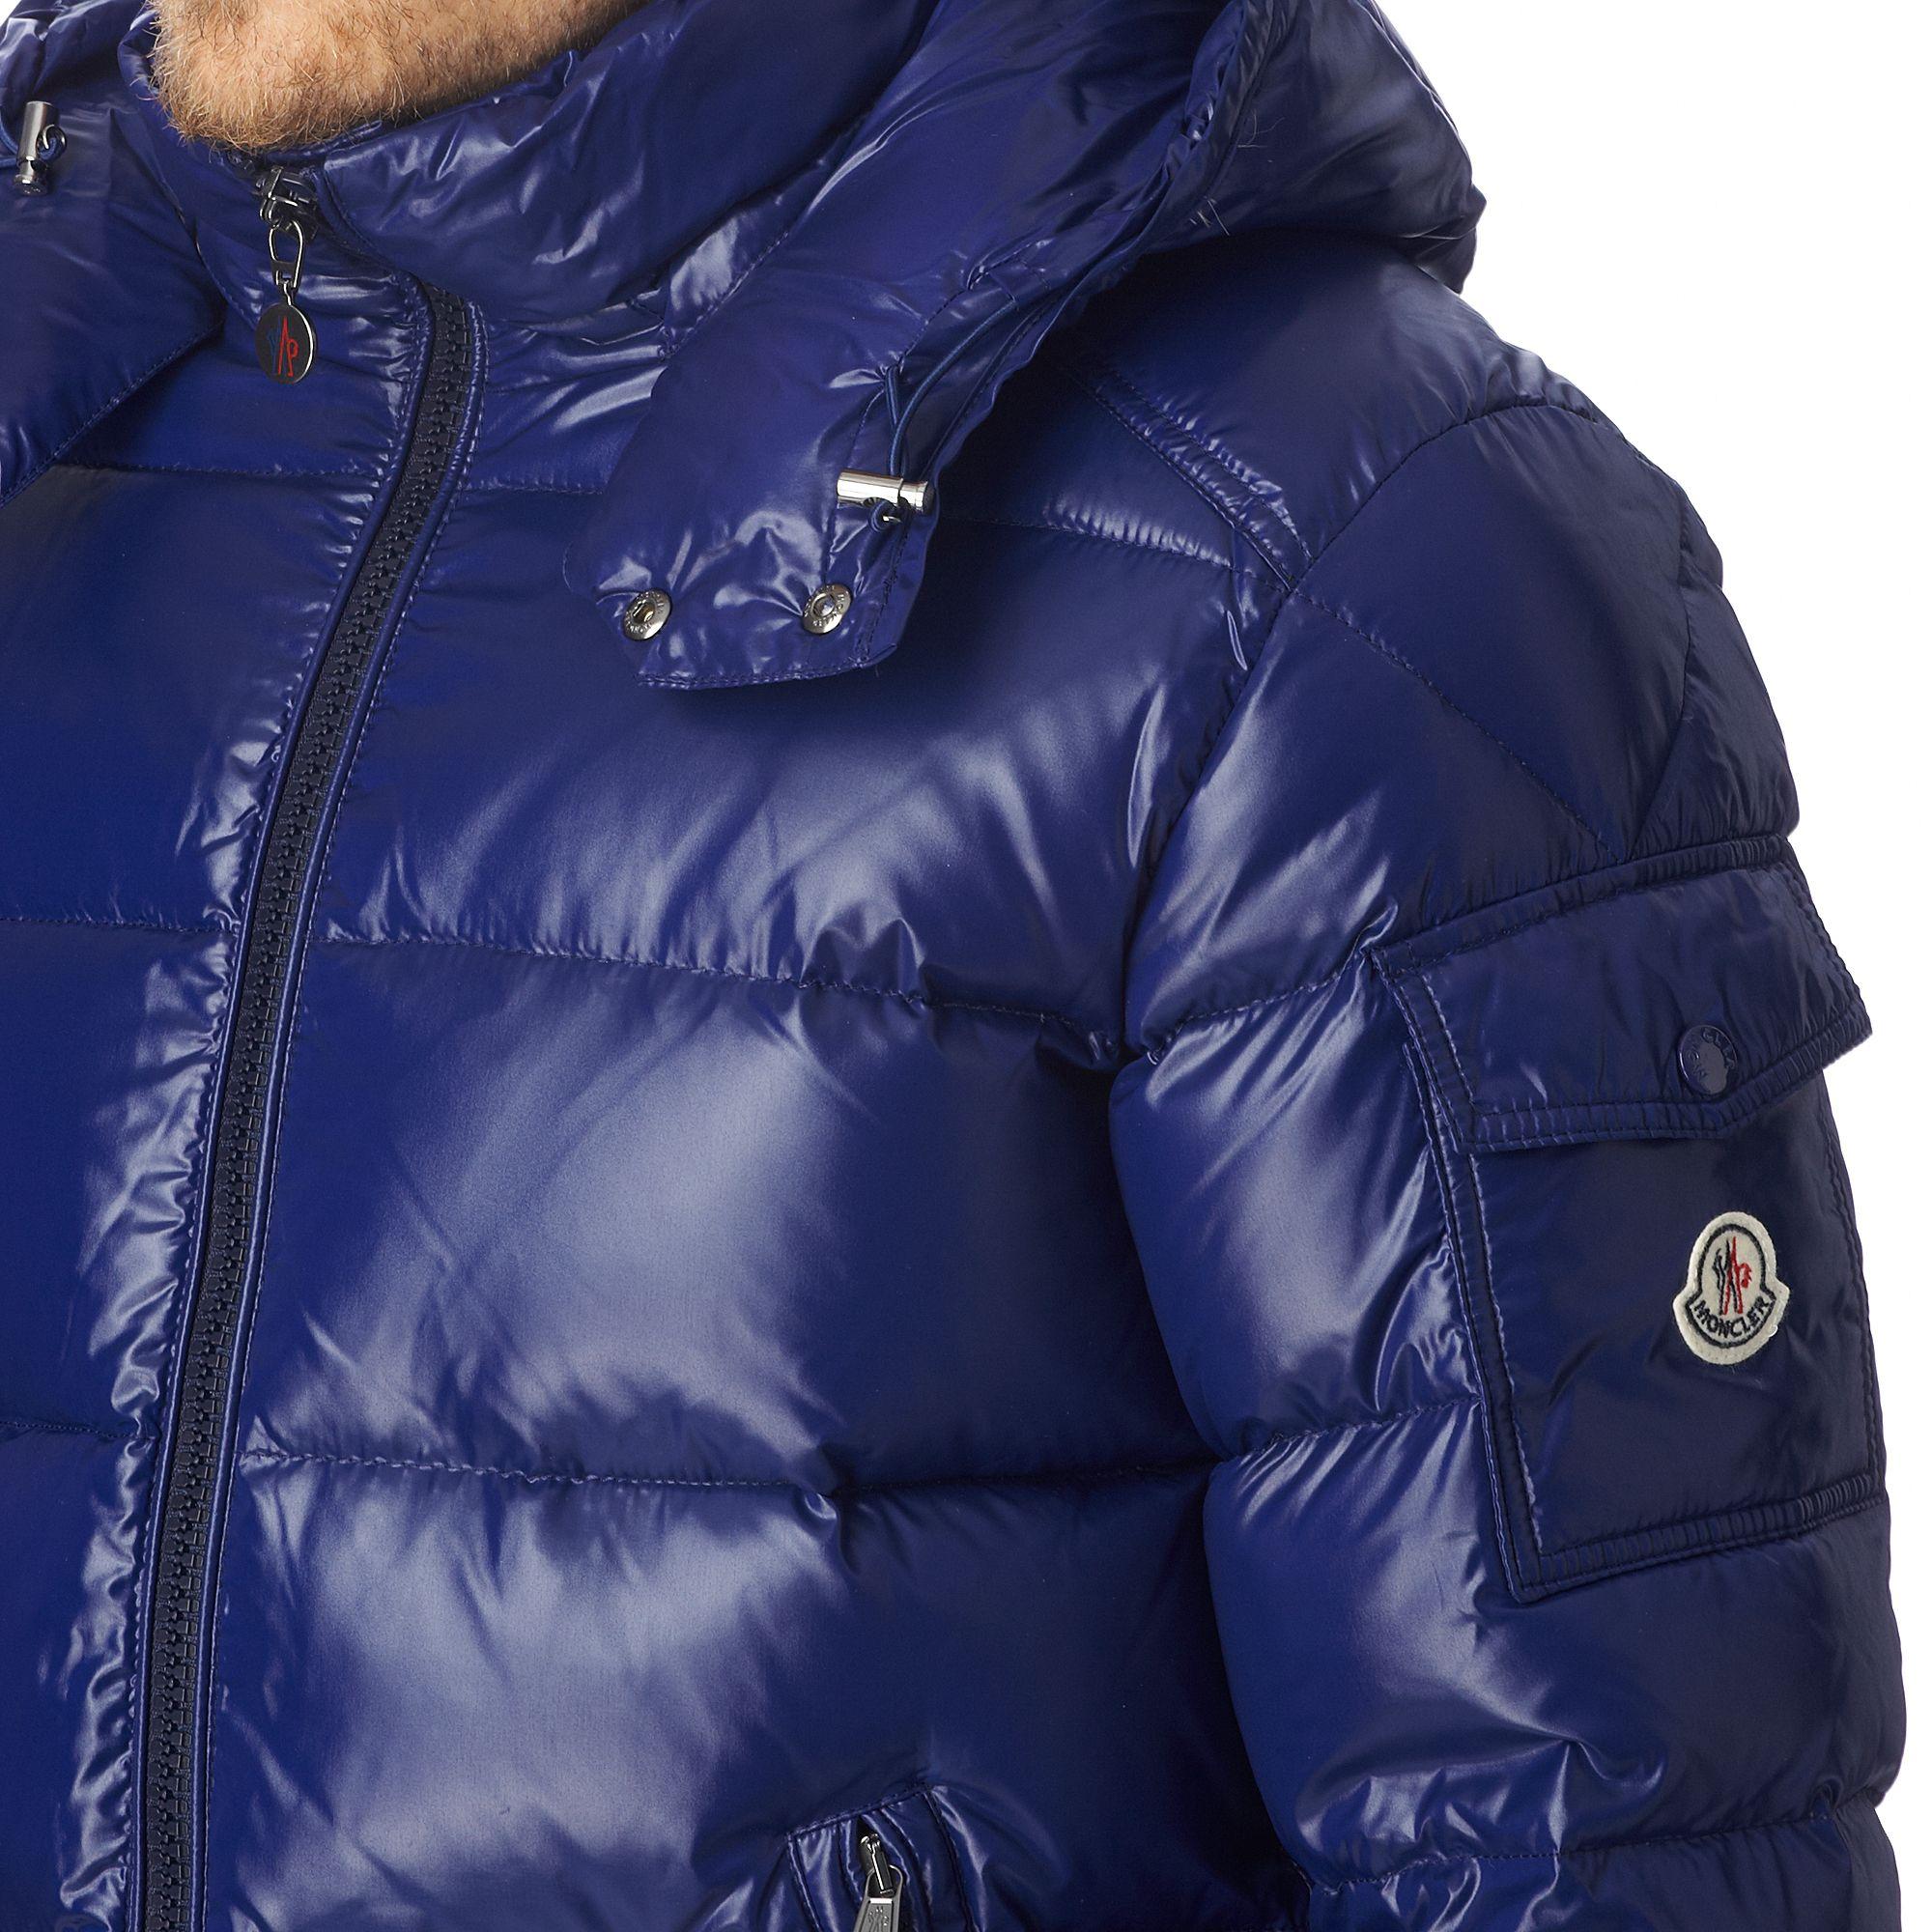 moncler jacket blue